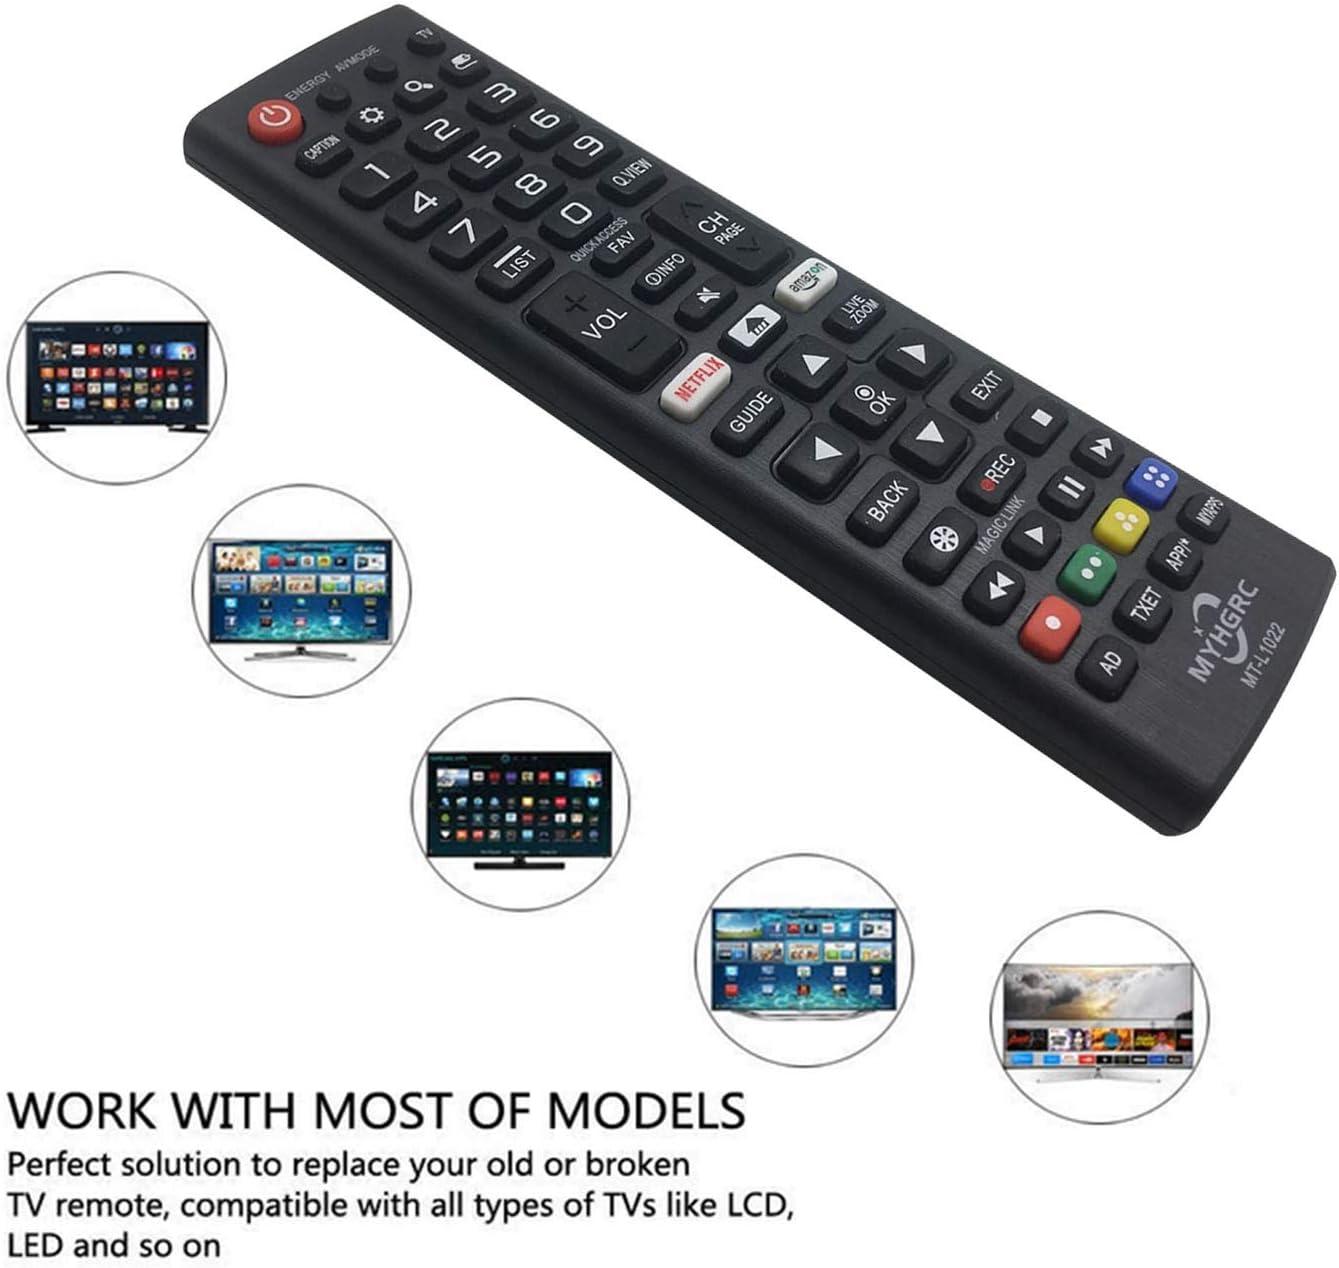 MYHGRC - Mando a Distancia de Repuesto para LG TV Mando a Distancia Compatible con LG Smart TV: Amazon.es: Electrónica